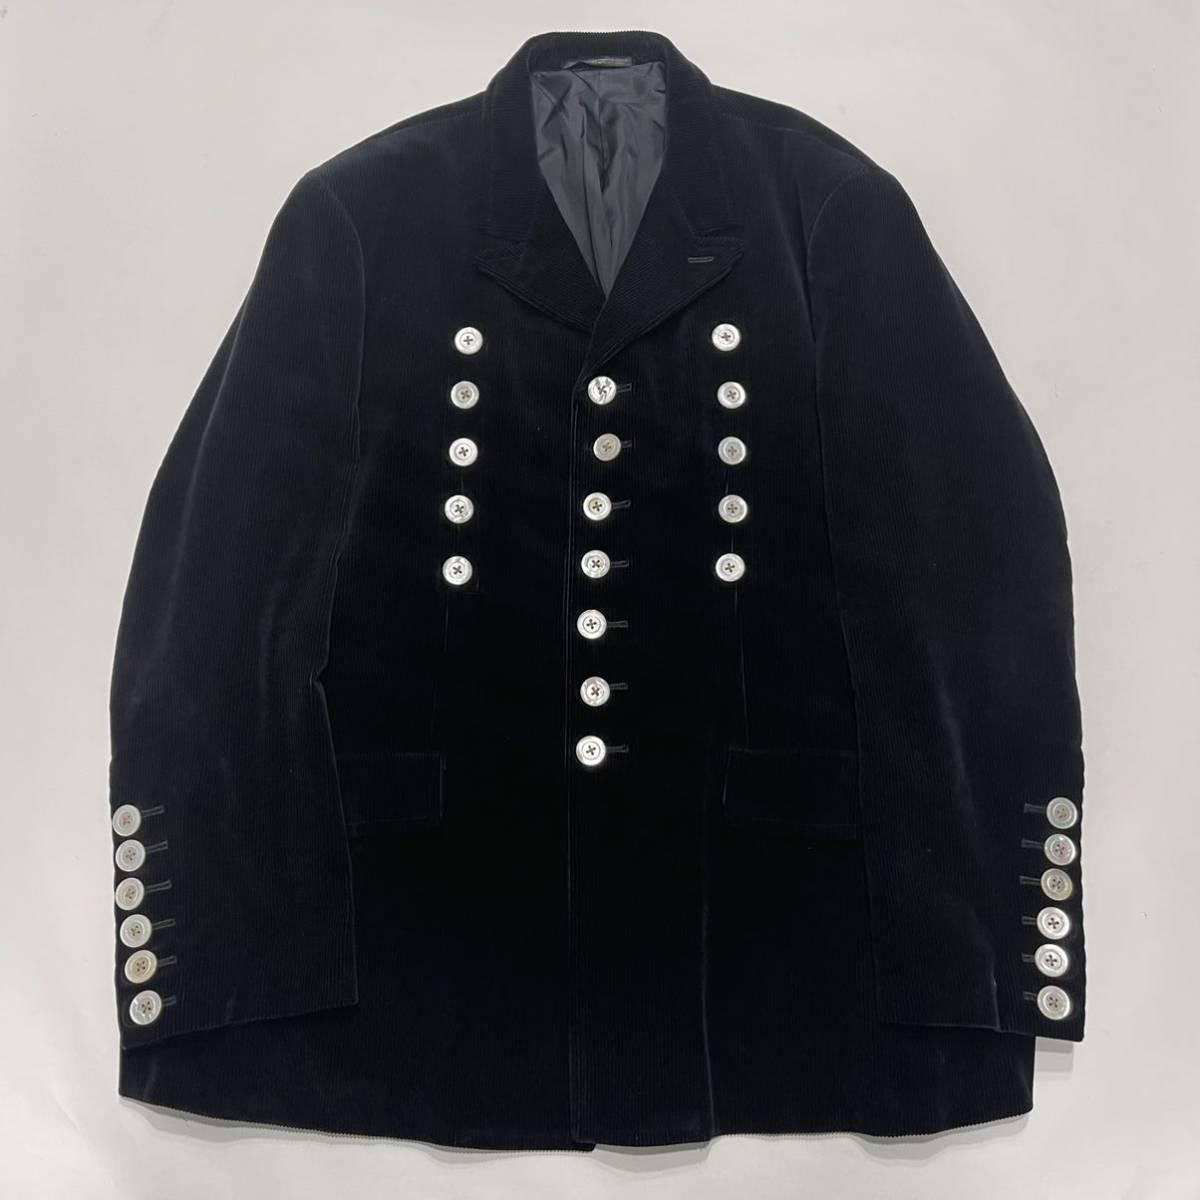 希少 96aw yohji yamamoto pour homme コーデュロイ ジャケット シェルボタン ジャケット